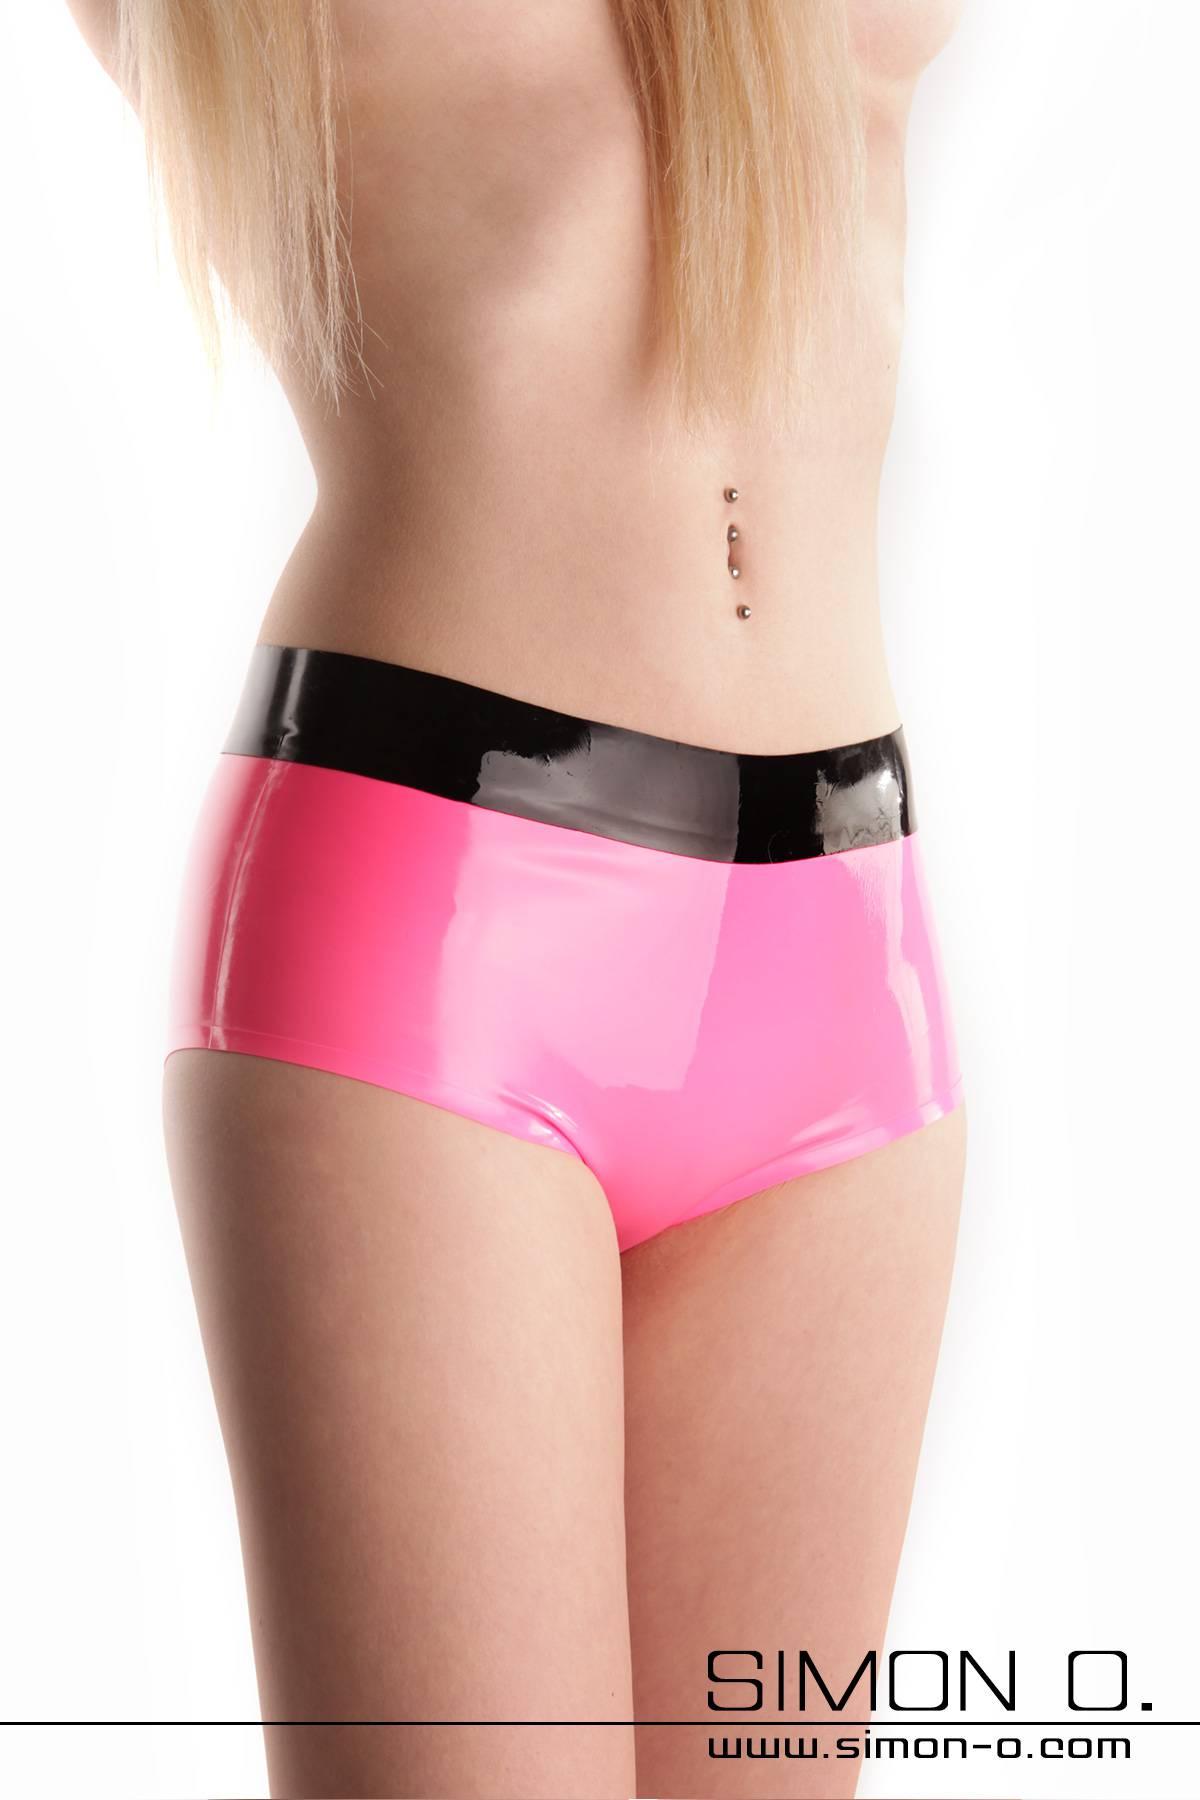 Hautenge glänzende Latex Hot Pant in Pink mit schwarzem Bund von vorne gesehen